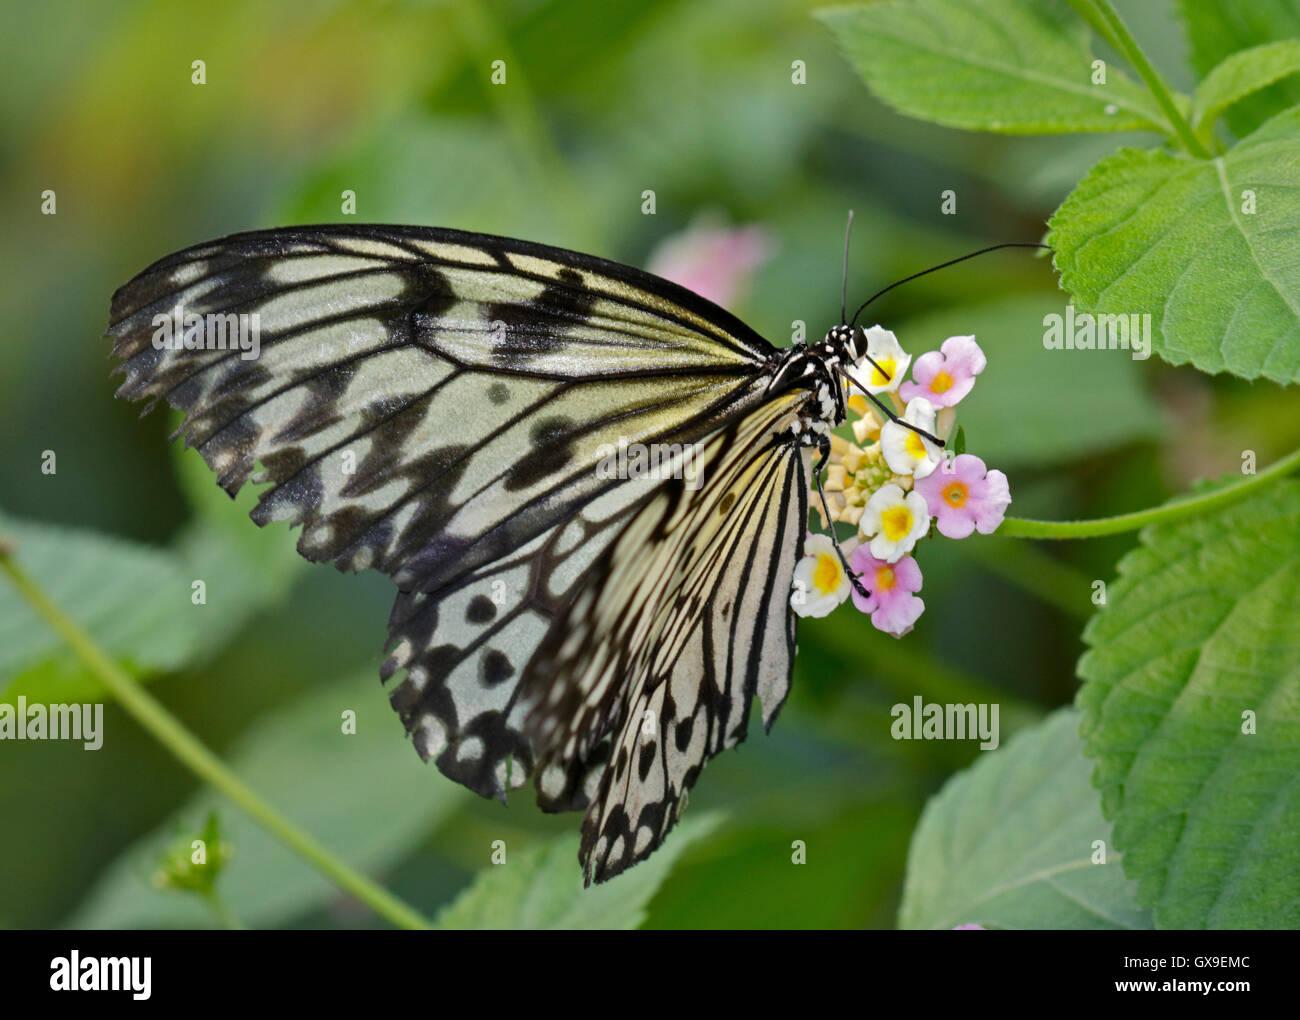 Arbre généalogique blanche papillon nymphe (idée leuconoe) sur Fleur de Lantana Photo Stock